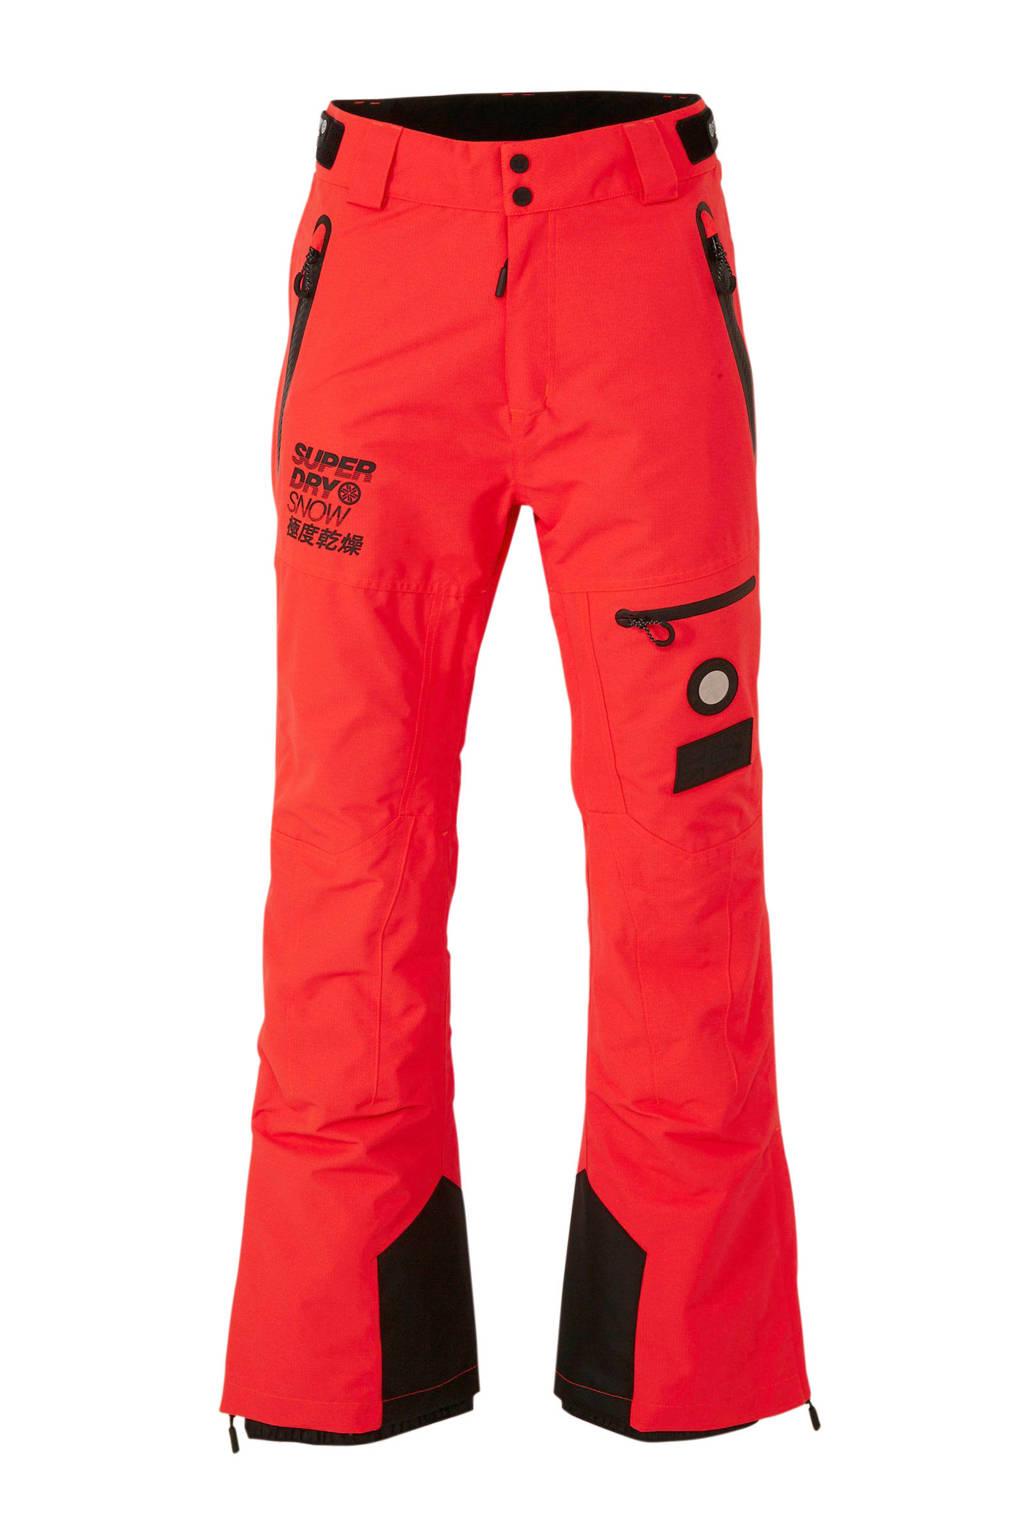 Superdry Sport skibroek oranje, Oranje